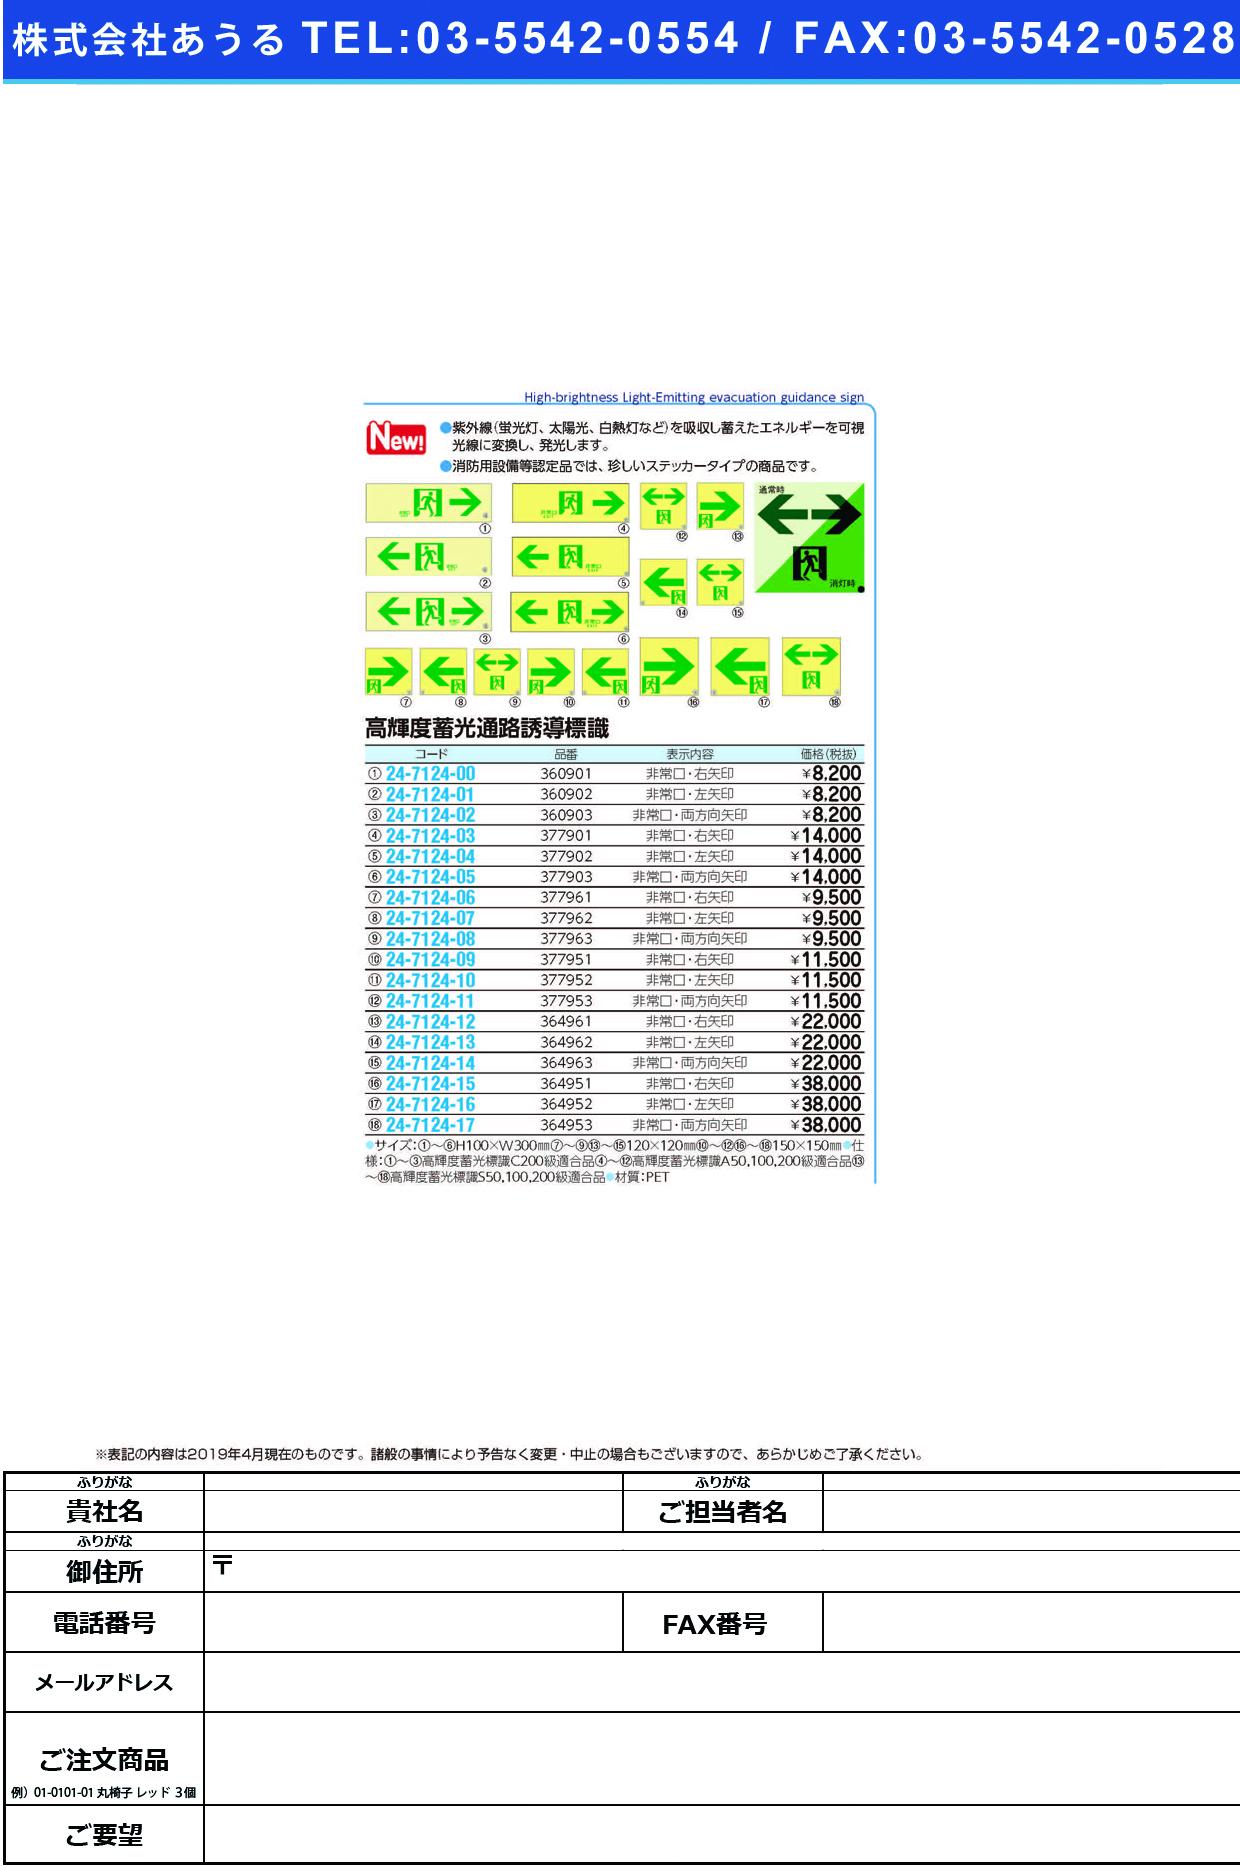 (24-7124-11)高輝度蓄光通路誘導標識(非常口両矢印377953(ASN953) コウキドチクコウツウロユウドウヒョウ(日本緑十字社)【1枚単位】【2019年カタログ商品】